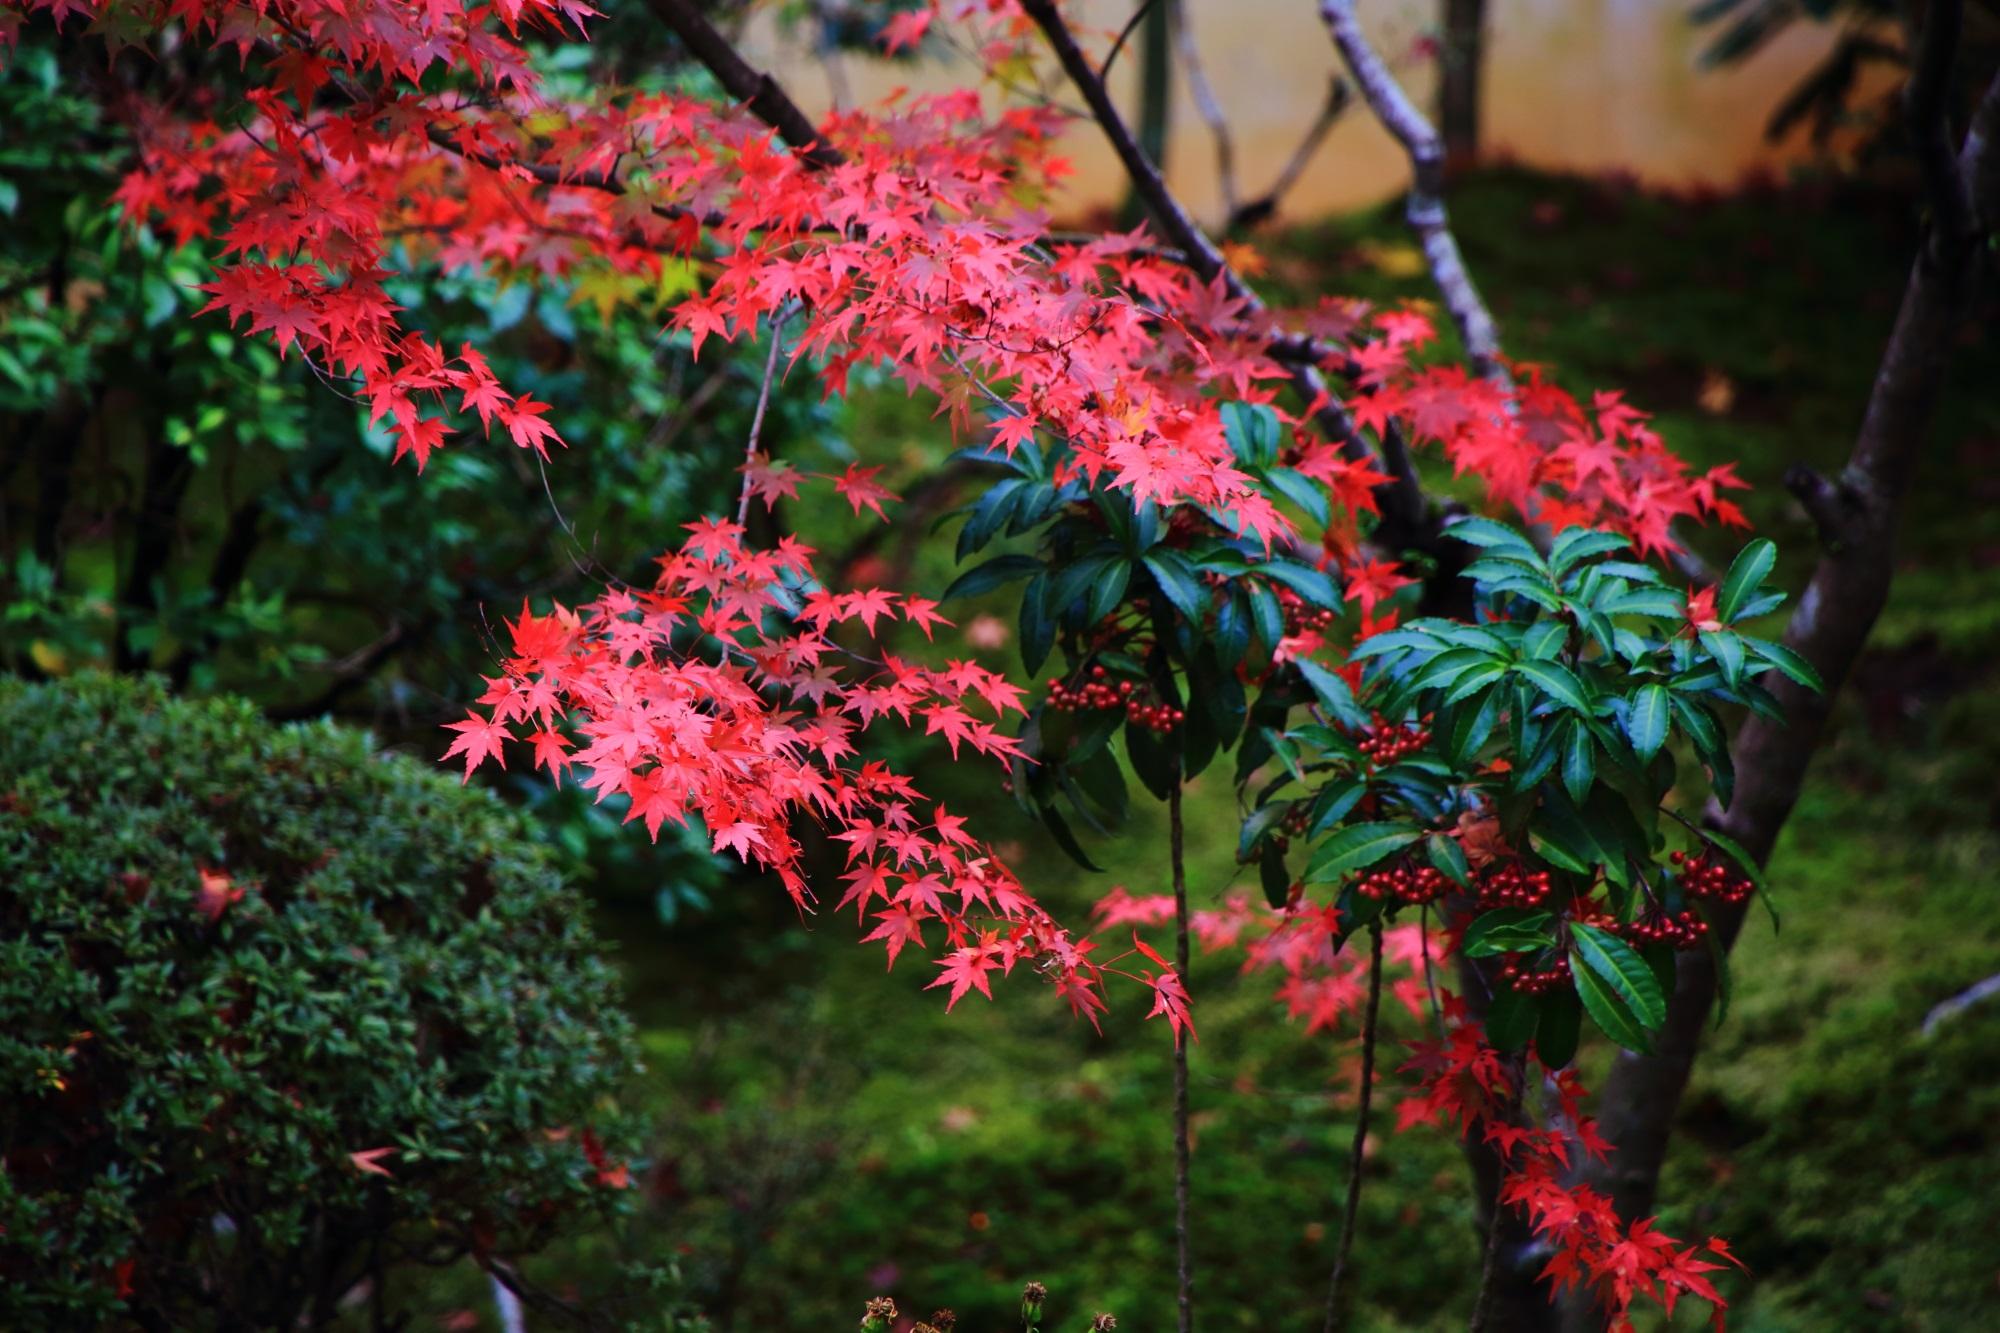 万両の赤い実とともに緑を染める艶やかな紅葉